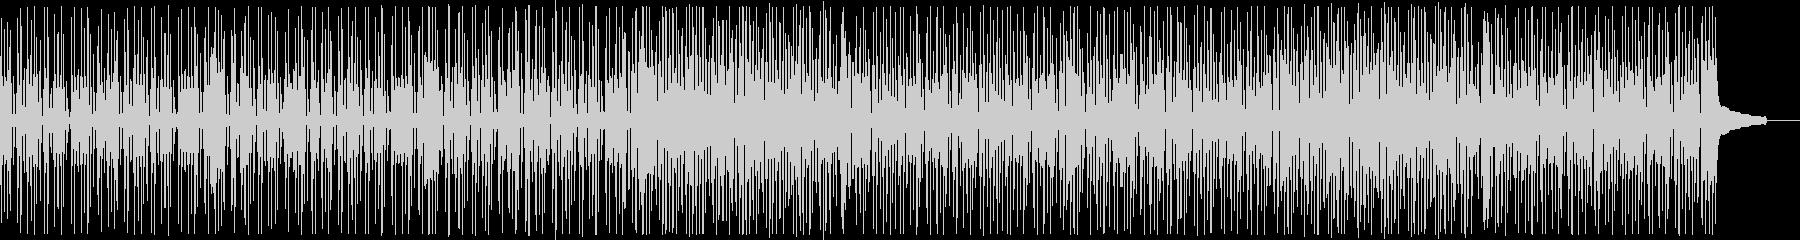 コミカルなファンキーオルガン:メロディ抜の未再生の波形